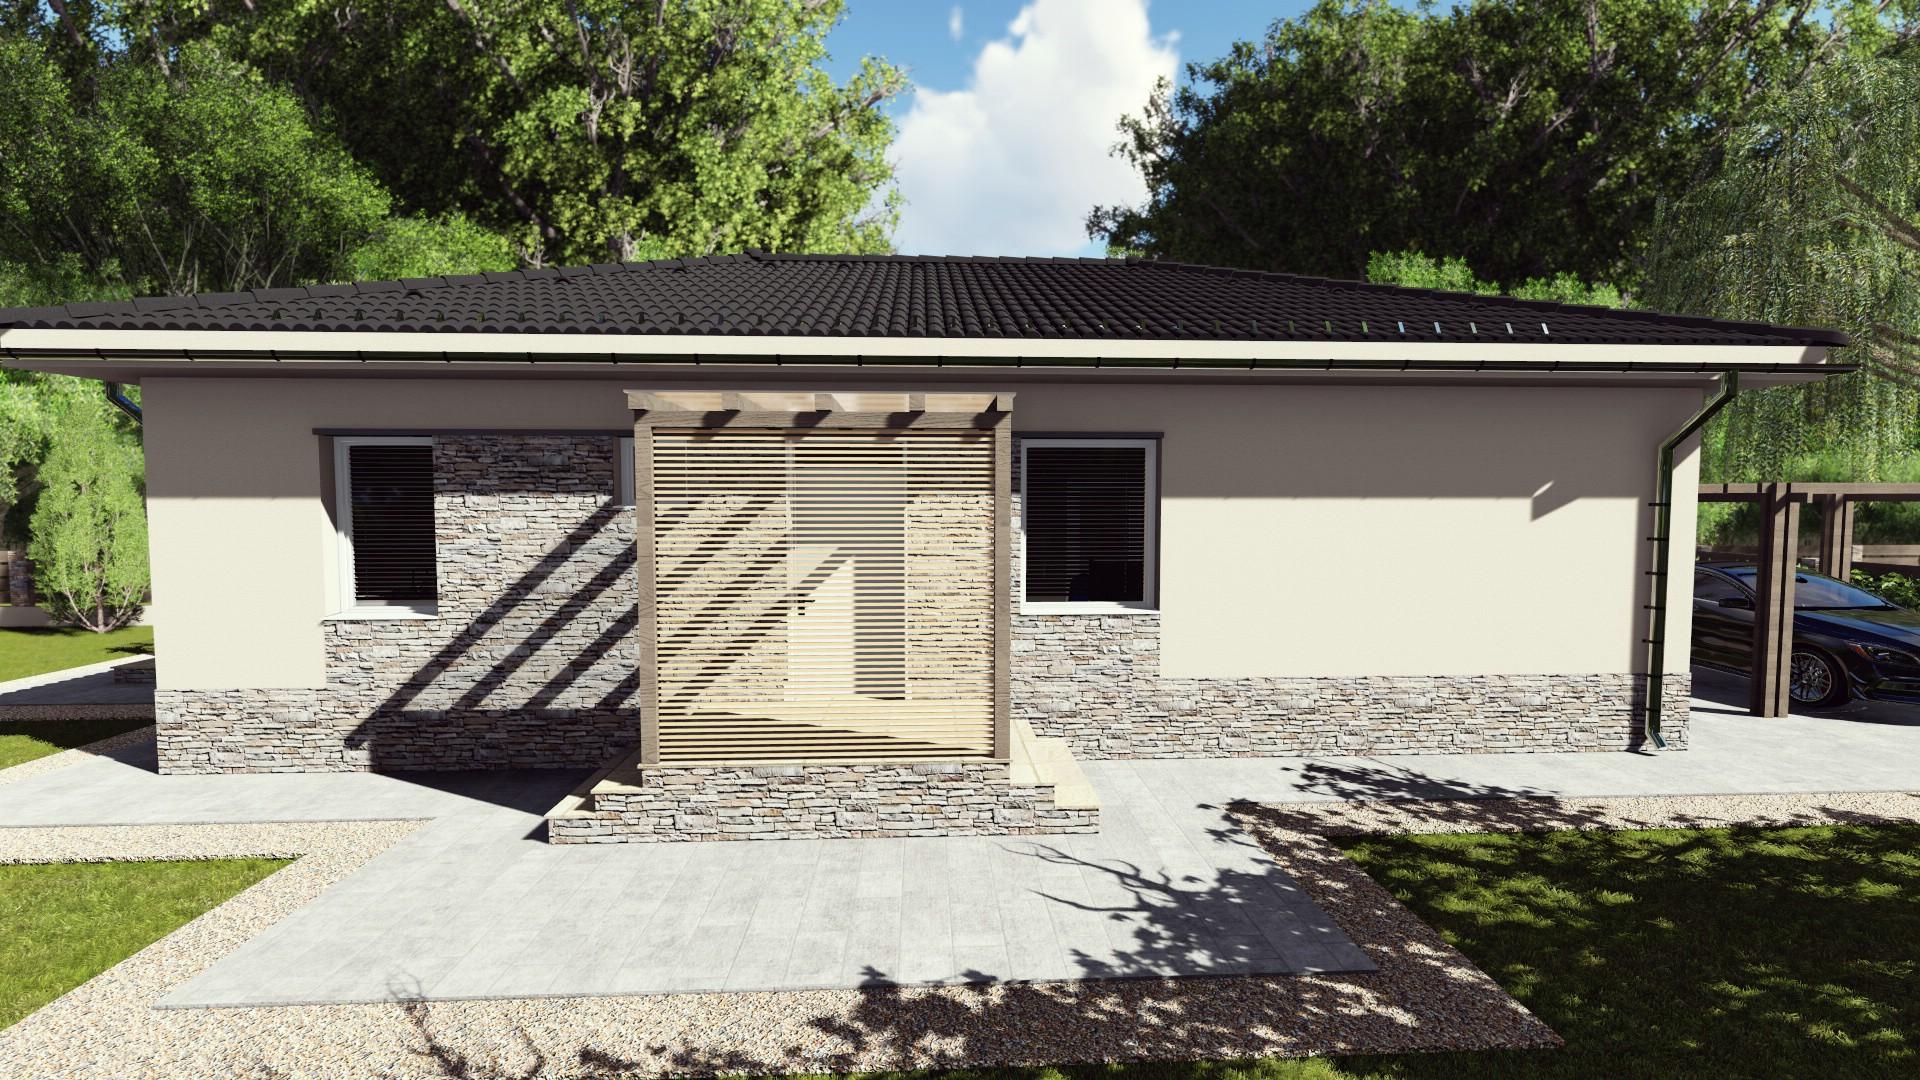 Új építésű nappali +3 szobás családi ház Kecskemét- Ballószög, saját teleken! 85 m²!